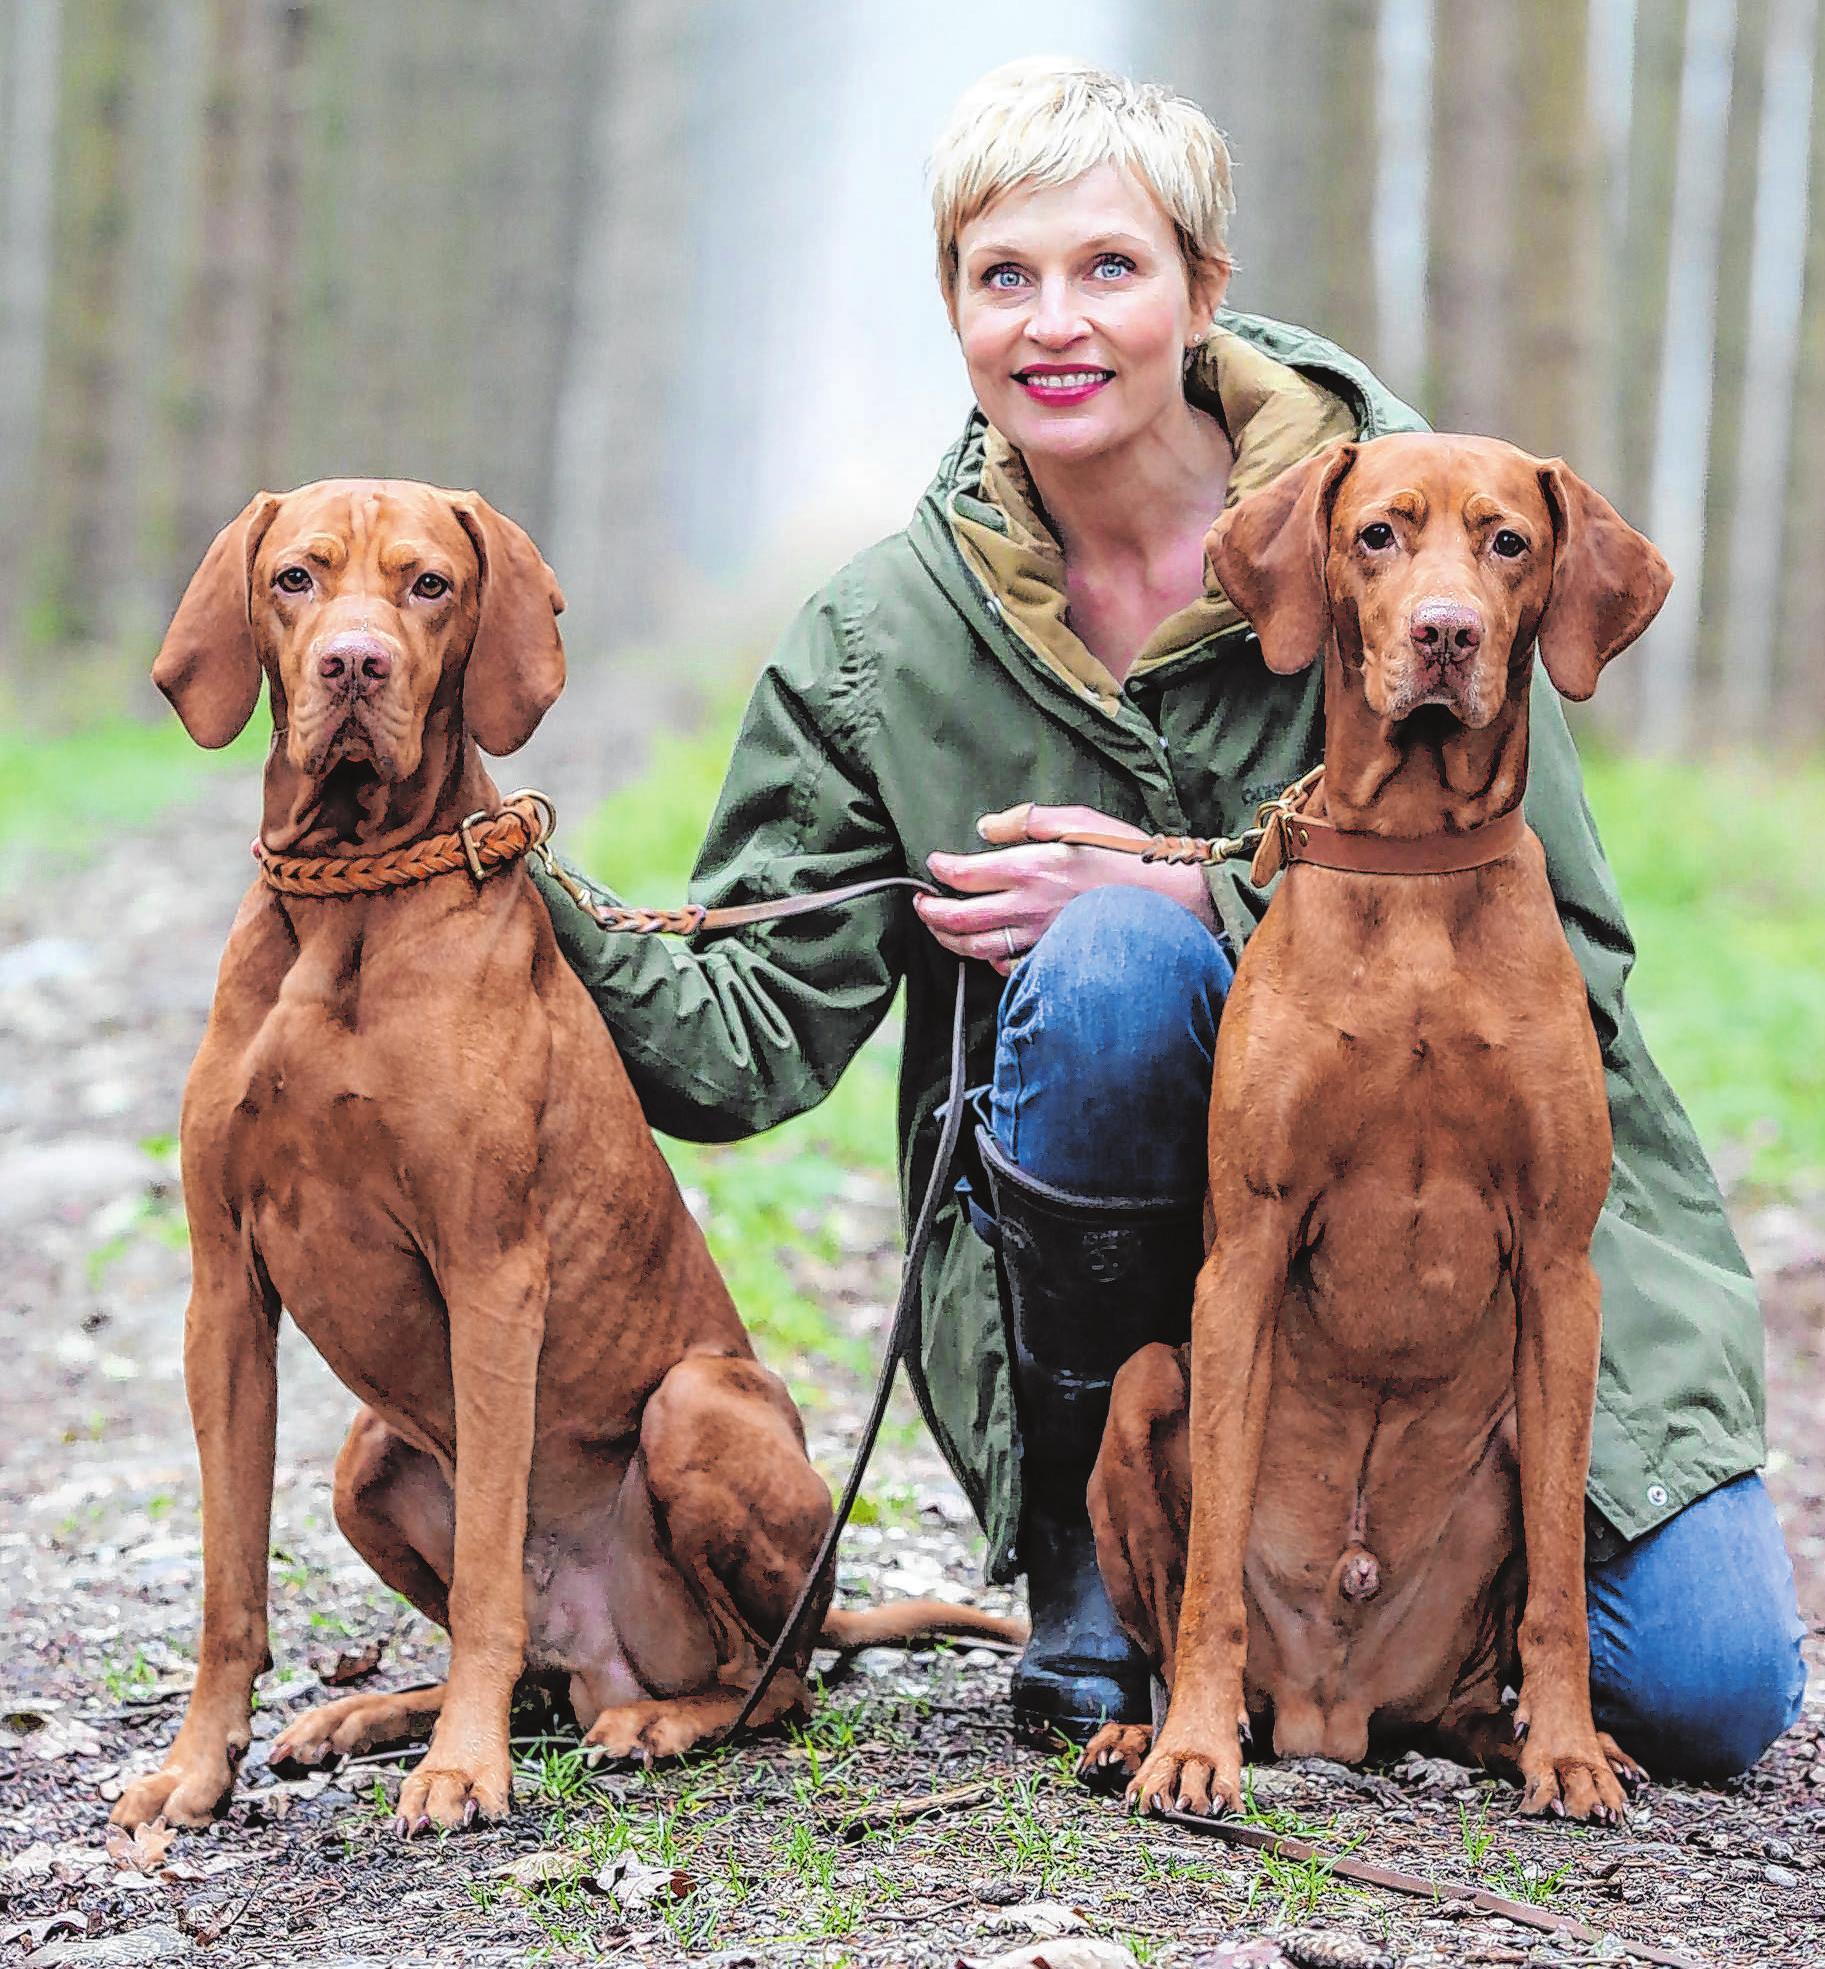 Sie wird Botschafterin des Hundes und löst Leonard Lansink ab: Sanna Englund. Die Schauspielerin lebt mit ihrem Mann und ihren zwei Viszla-Rüden Lenni und Paul am Starnberger See. Foto: VDH/Valentina Kurscheid